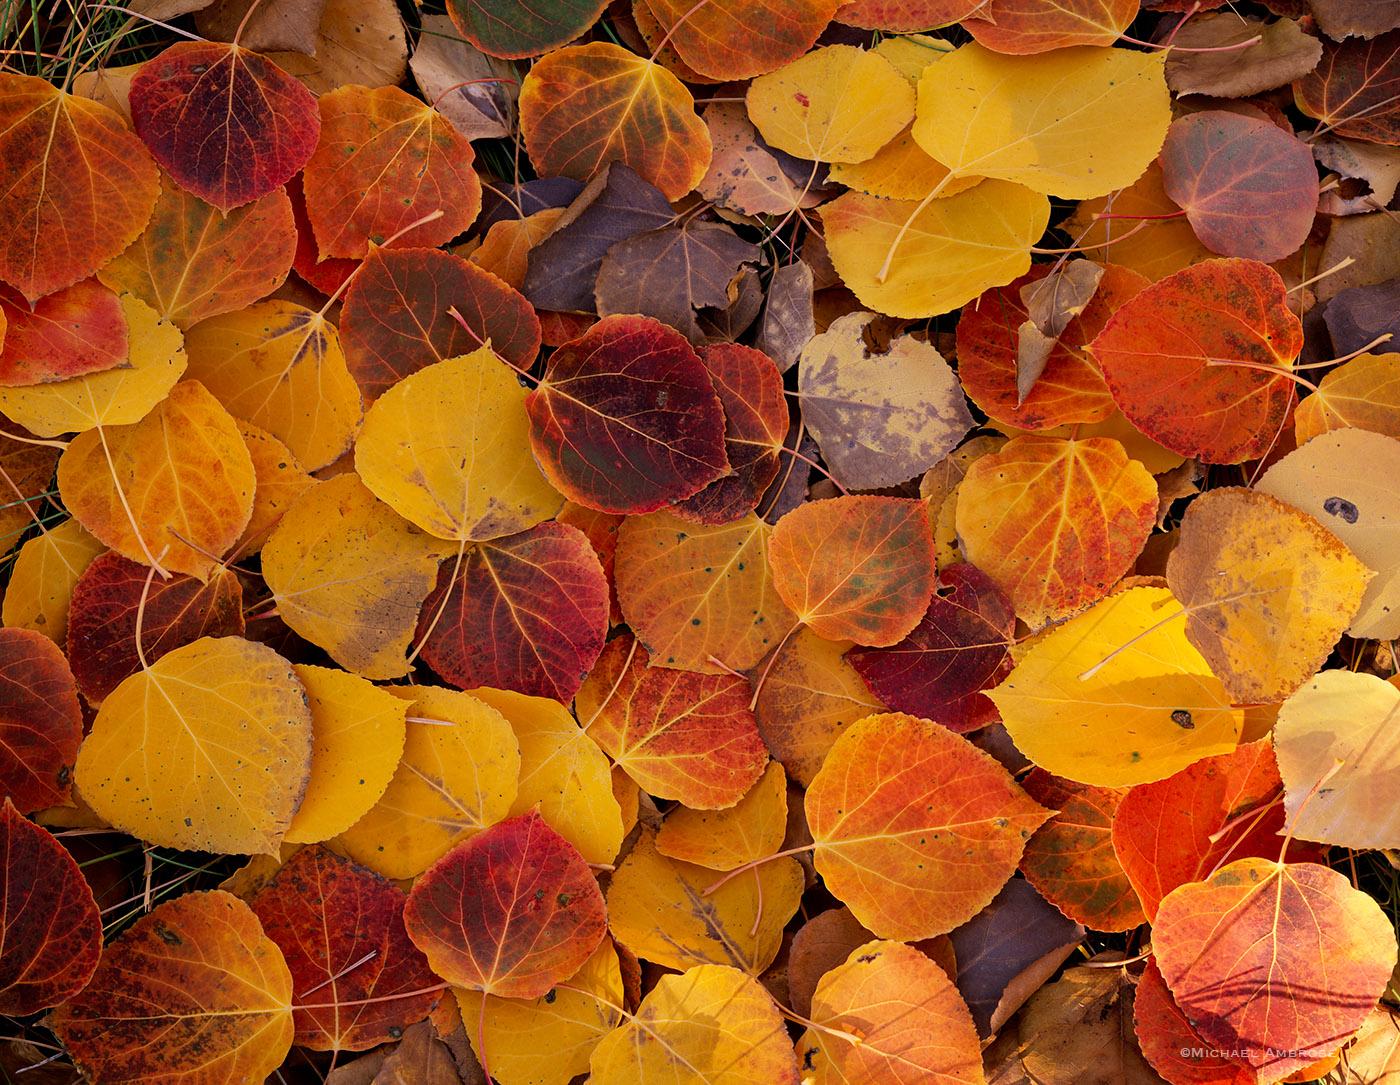 Fallen Aspen leaves in bright autumn colors adorn the forest floor in the Mono Basin near Mono Lake, California.